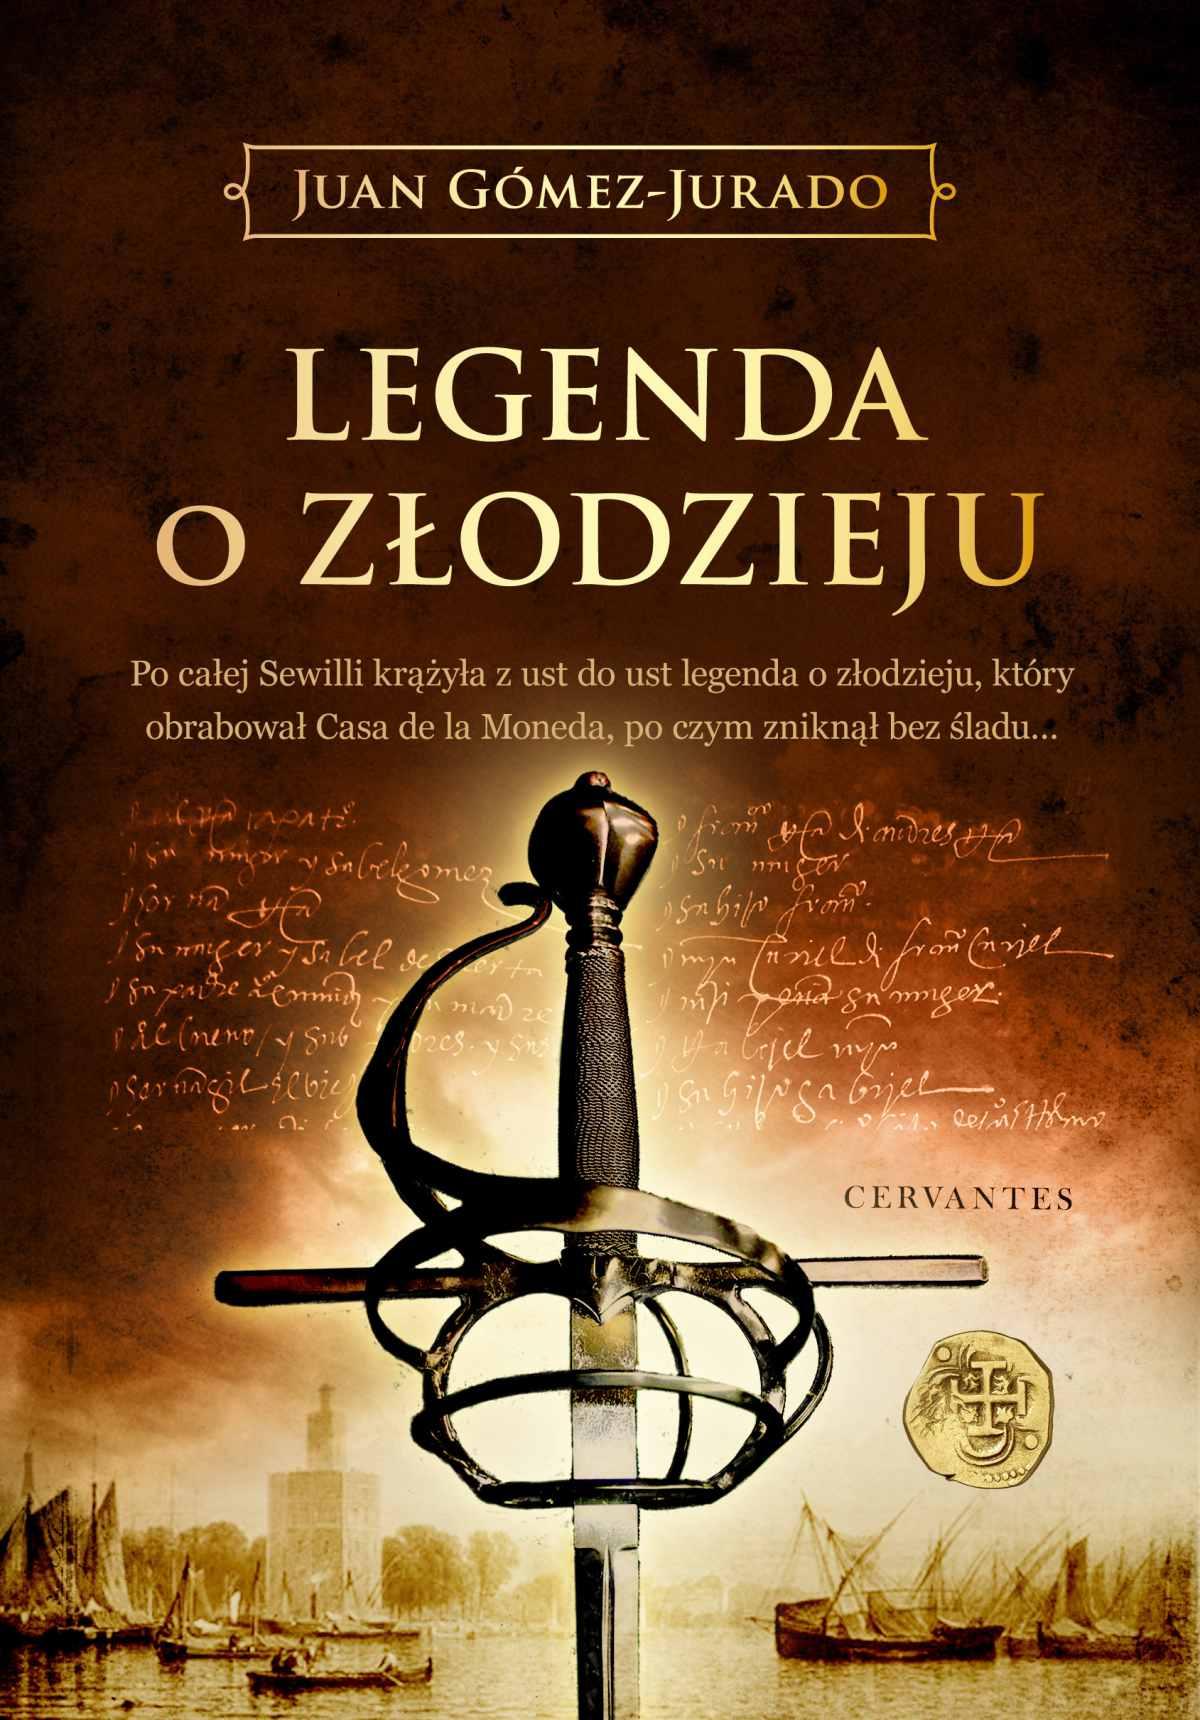 Legenda o złodzieju - Ebook (Książka EPUB) do pobrania w formacie EPUB